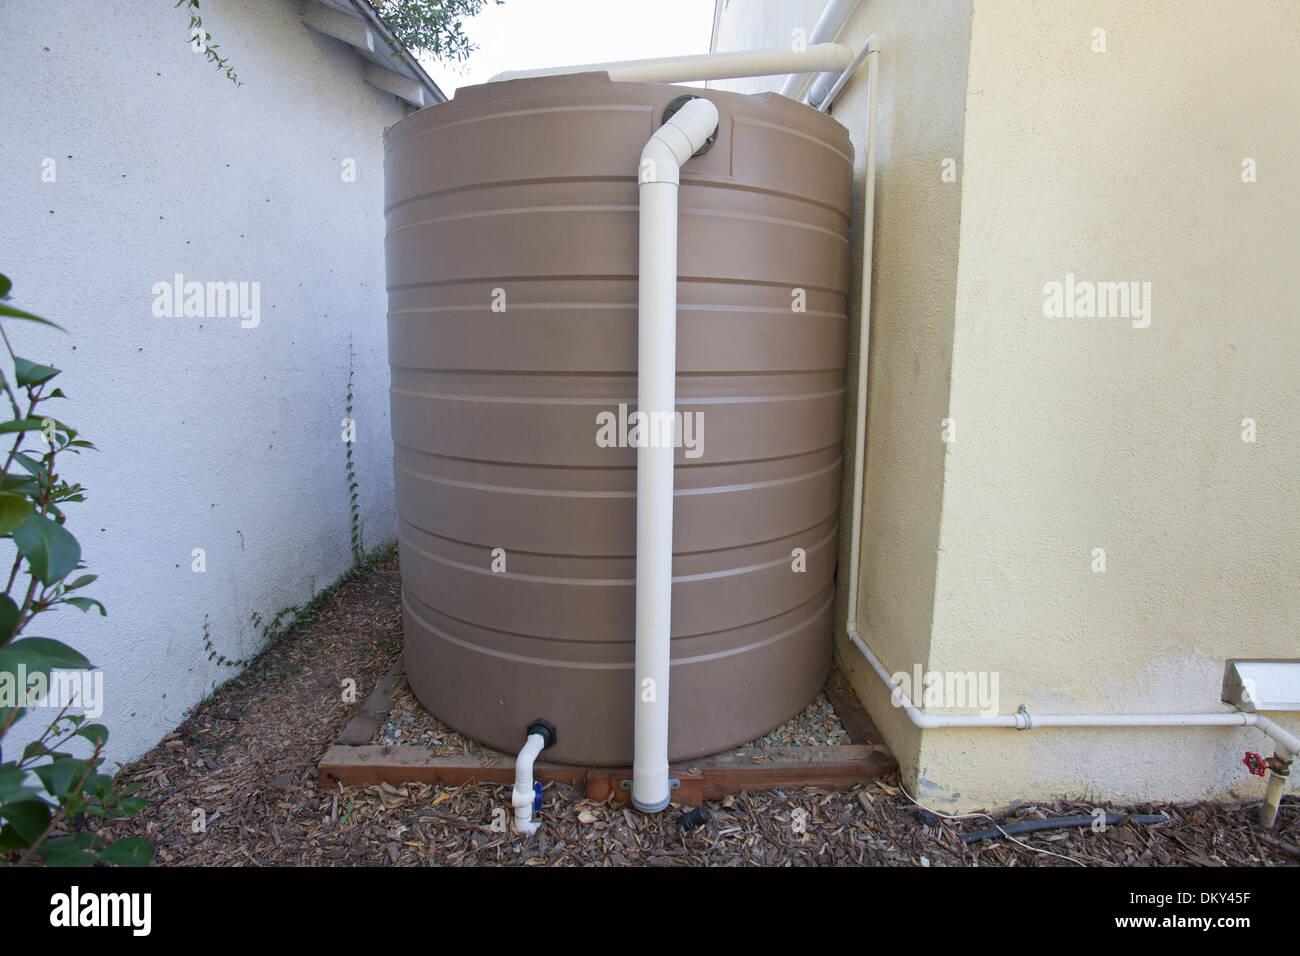 Regenwassernutzungsanlage auf ein grünes Haus, das aus dem Netz. Los Angeles, Kalifornien, USA Stockbild